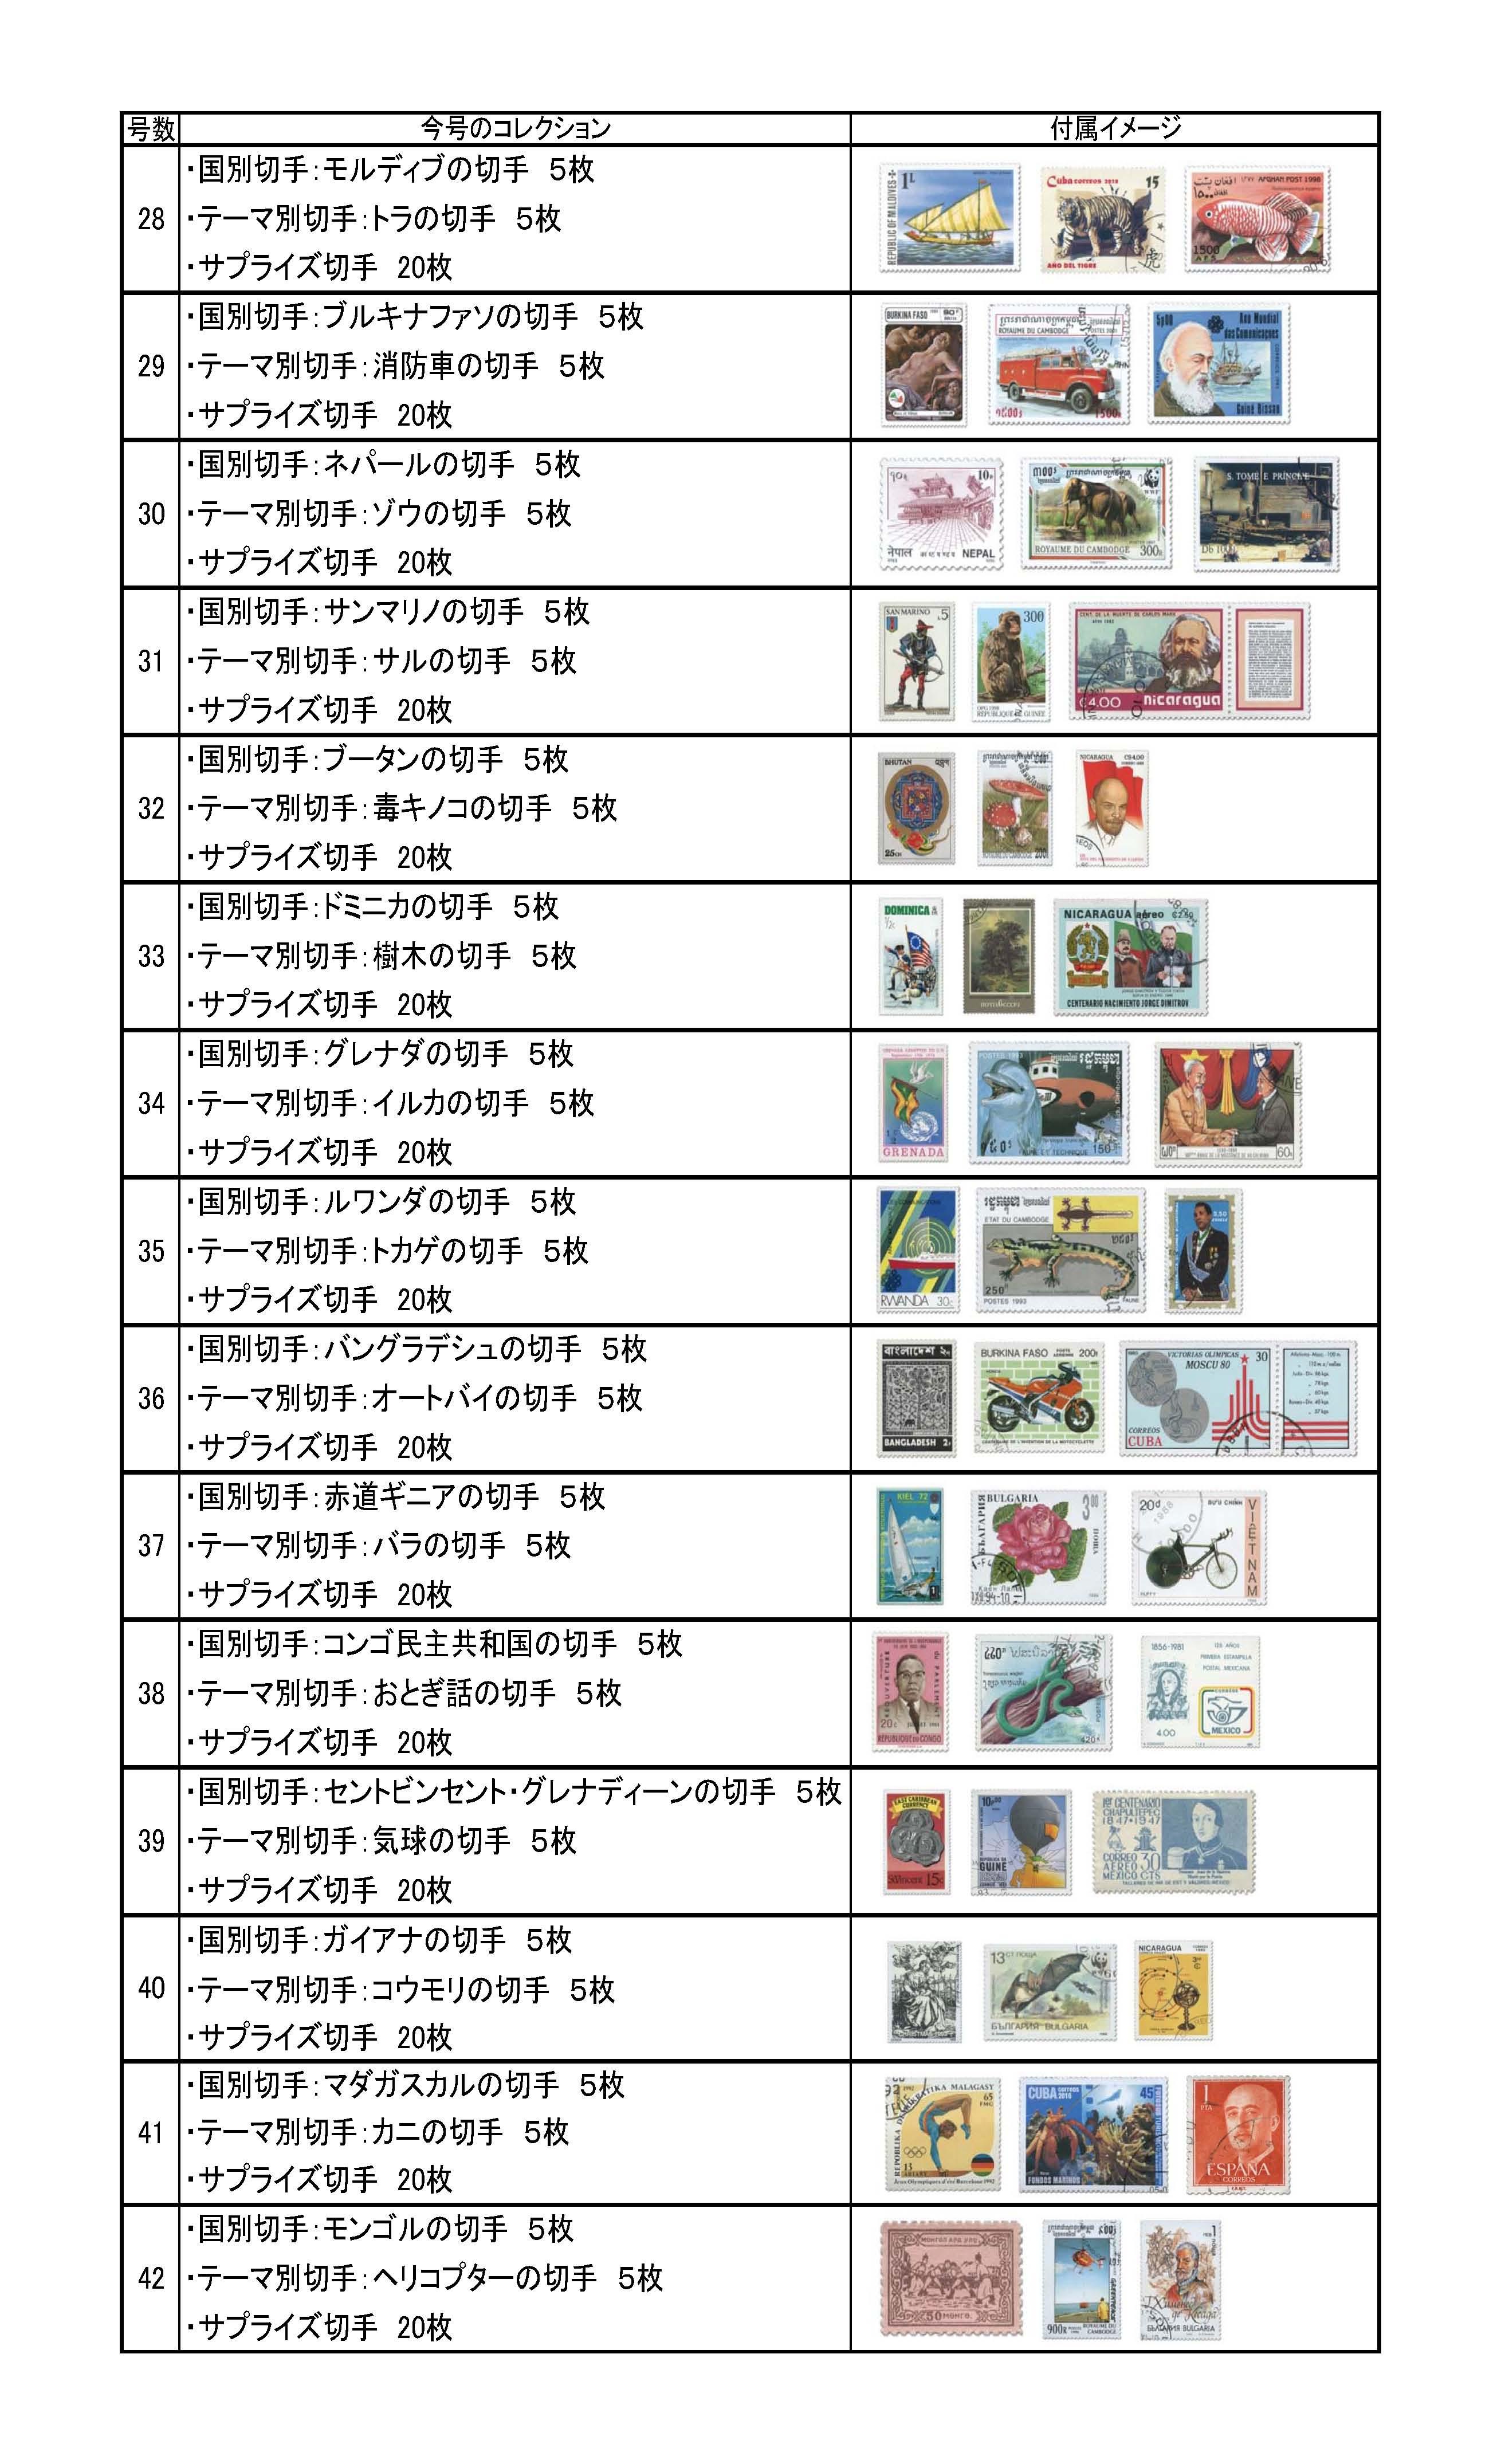 付属切手ラインナップ_20180115_ページ_03.jpg